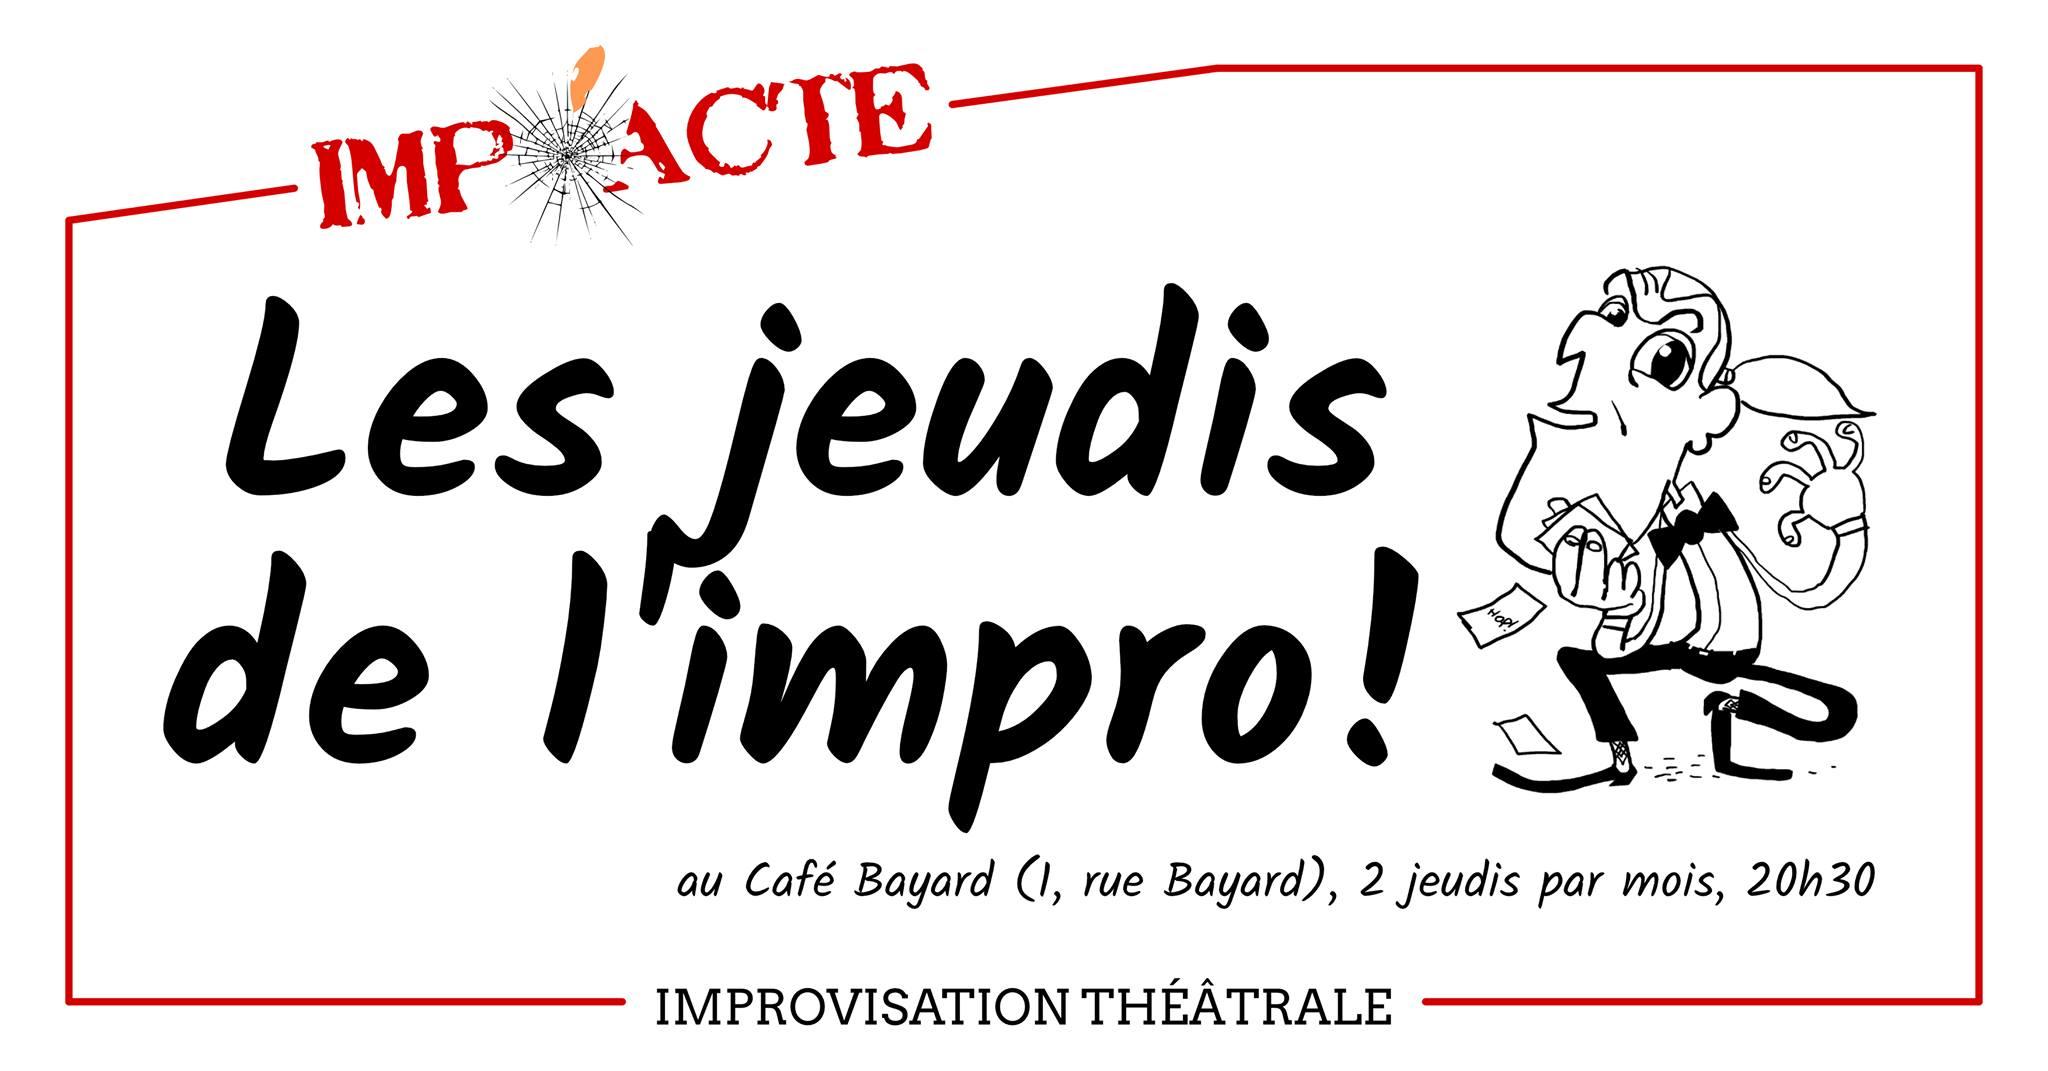 Jeudis de l'Impro au Café Bayard image